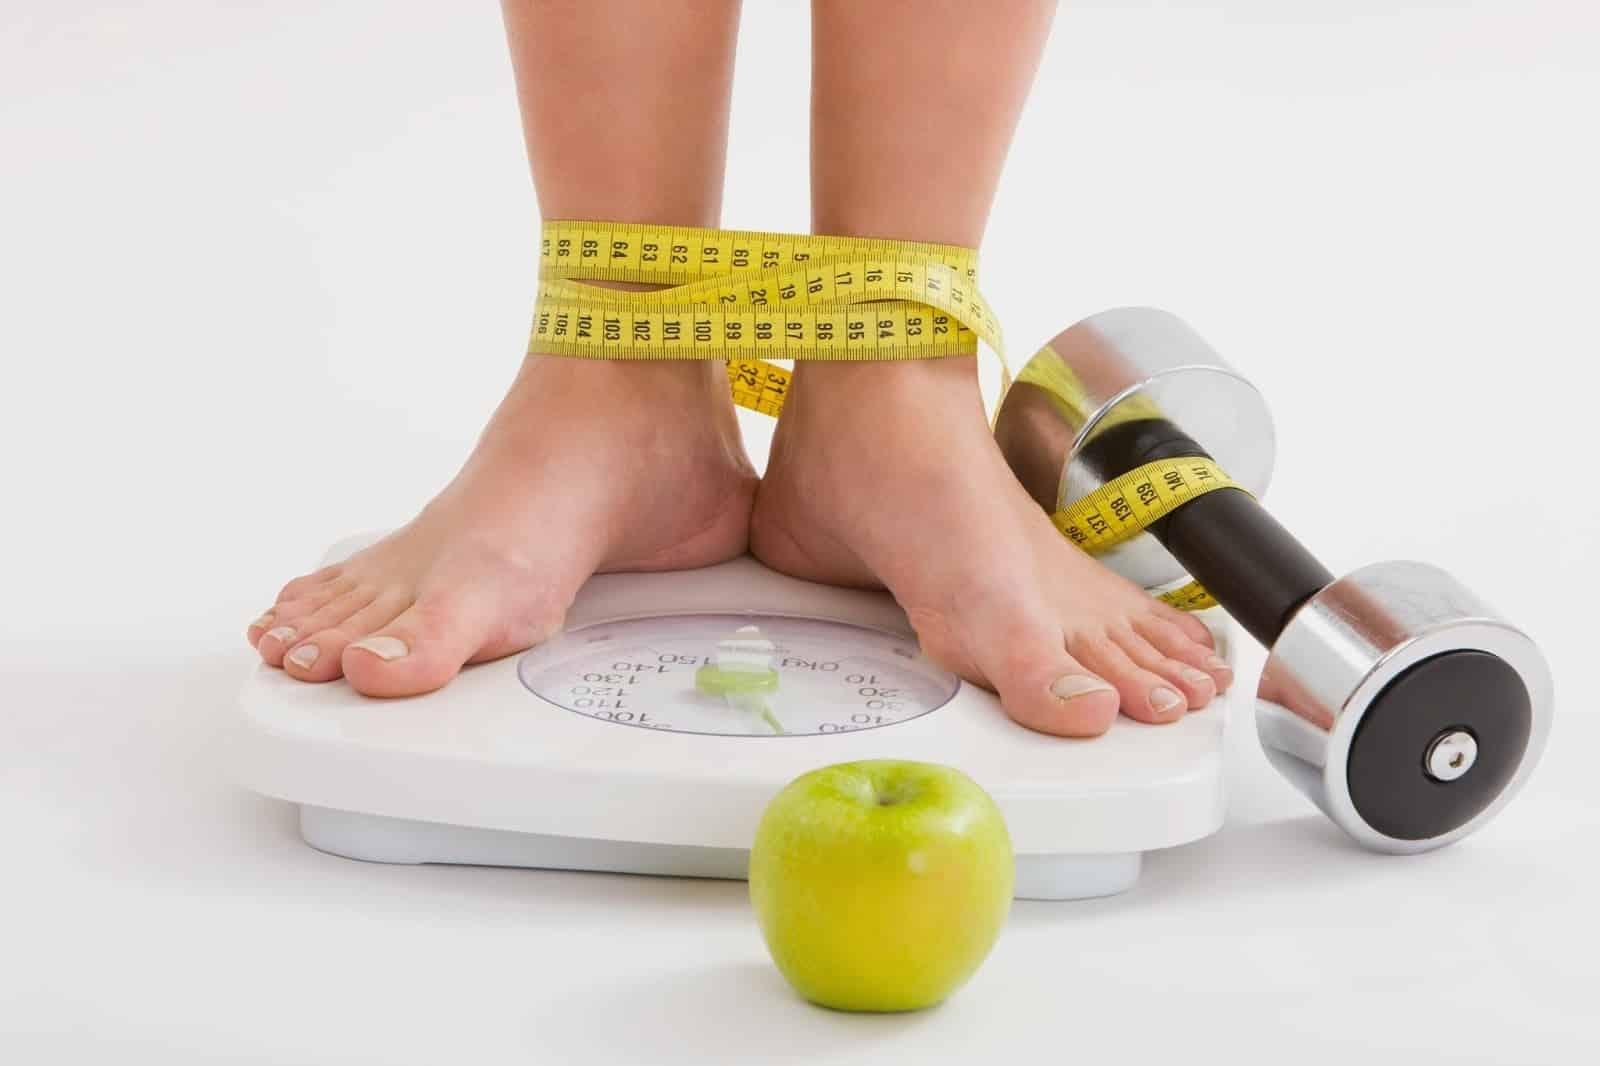 نظام غذائي متكامل لزيادة الوزن